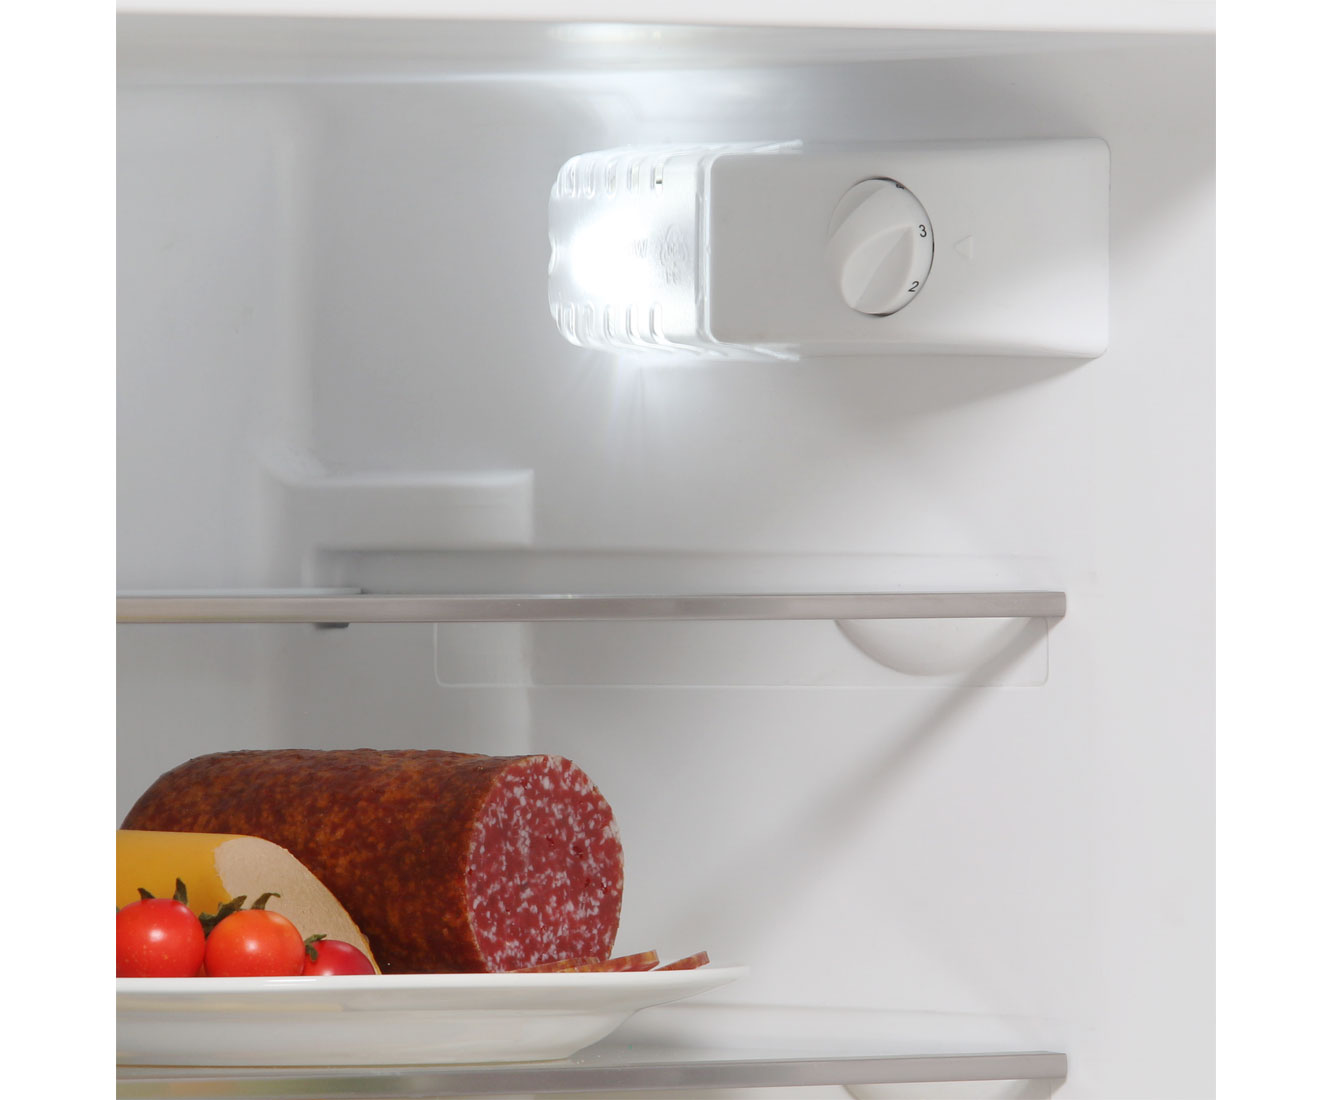 Kühlschrank Nach Aufbau Stehen Lassen : Amica evks einbau kühlschrank er nische schlepptür